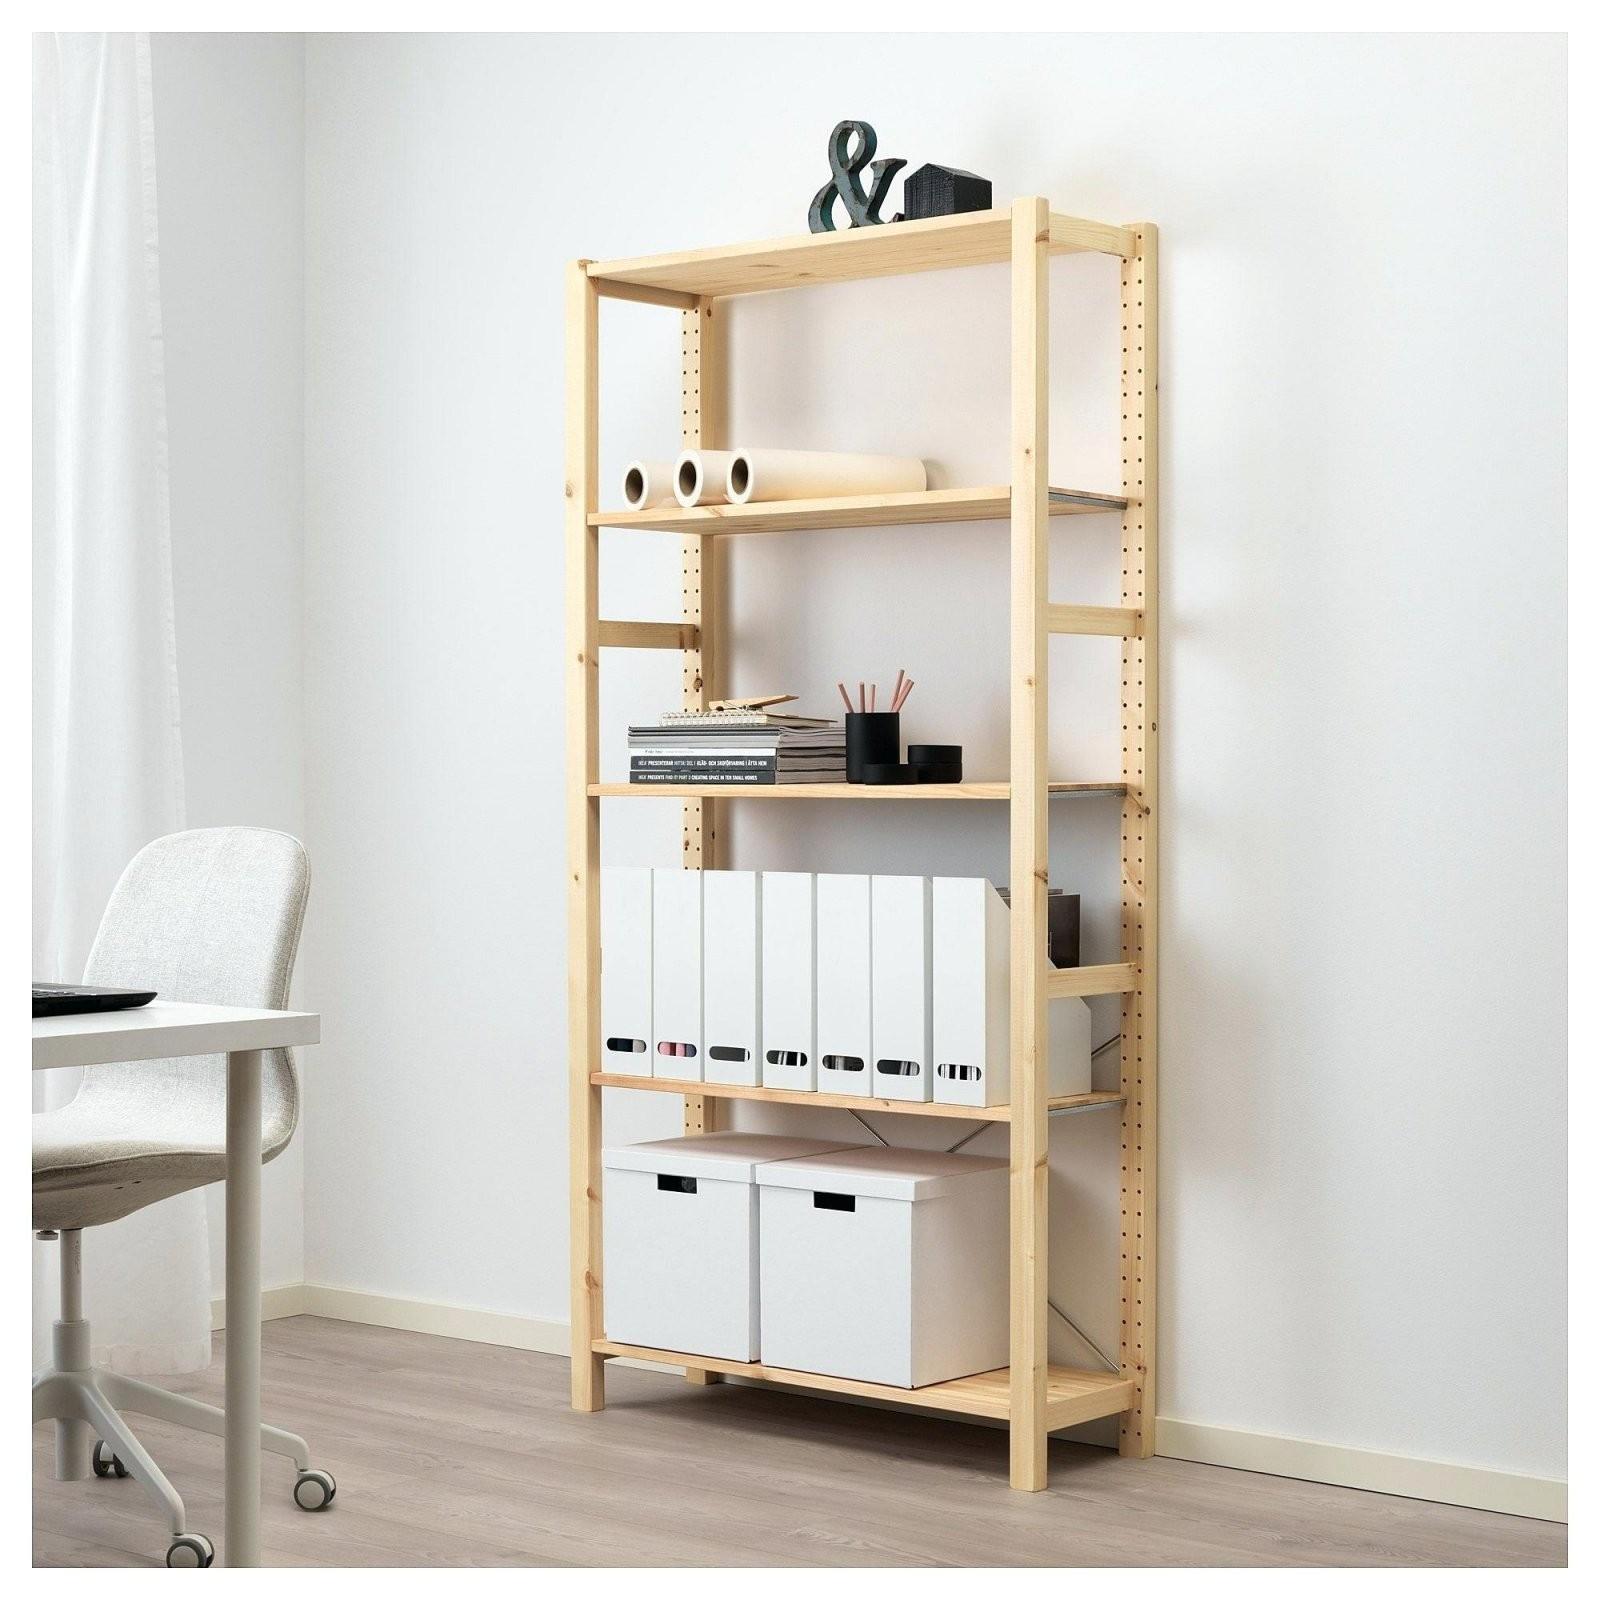 Suche Ivar Regale Cm Regal 50 Tief Beautiful Ikea Anleitung von Ikea Ivar Regal Montageanleitung Bild